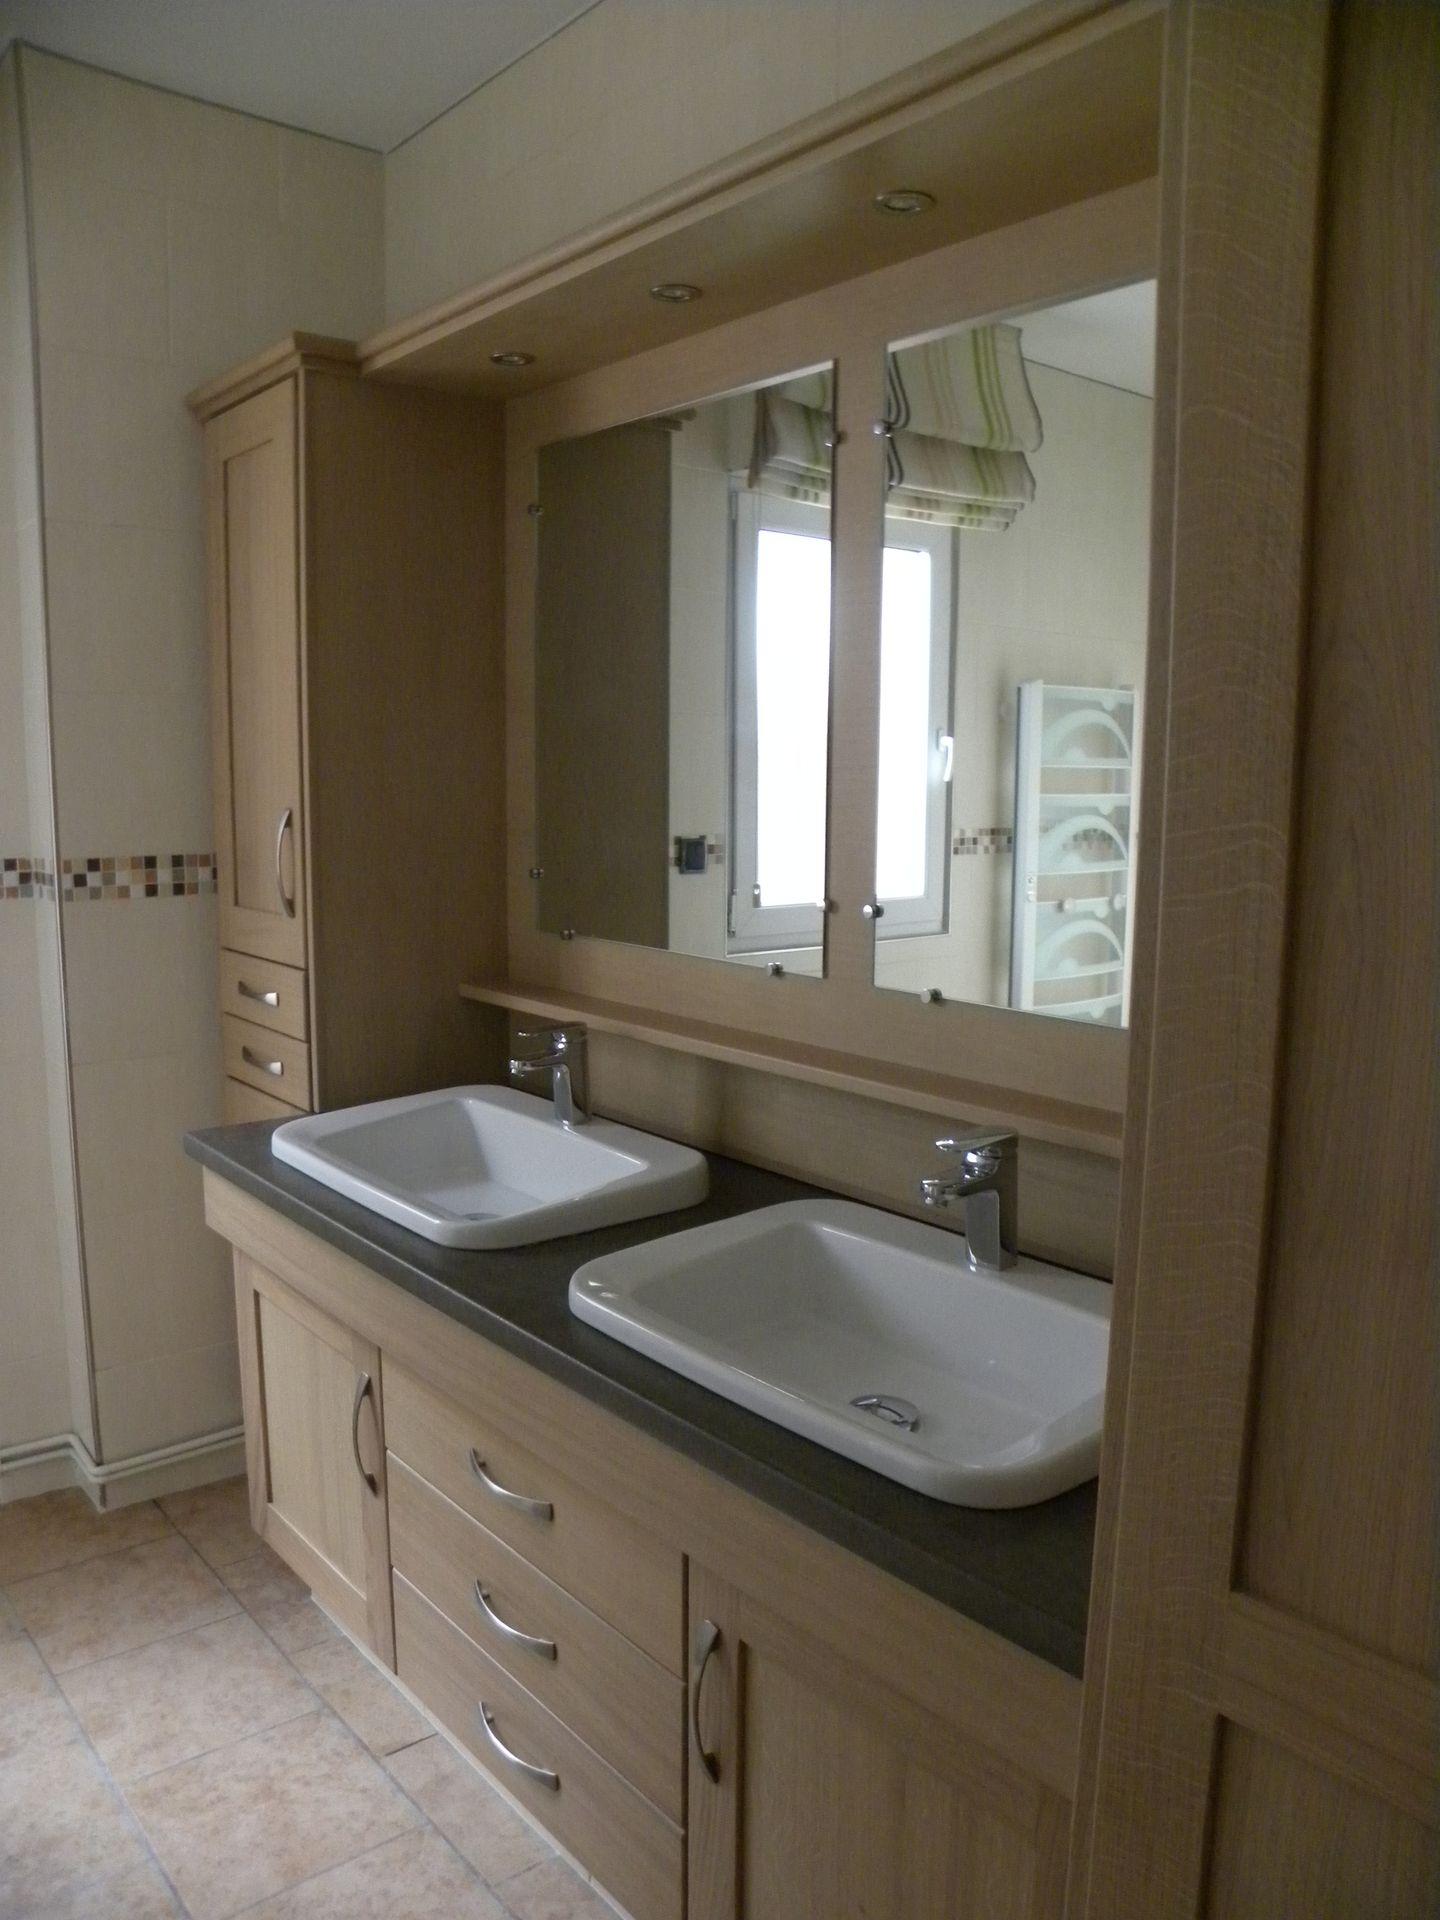 Accueil Salles de Bains Salle de bains moderne bois